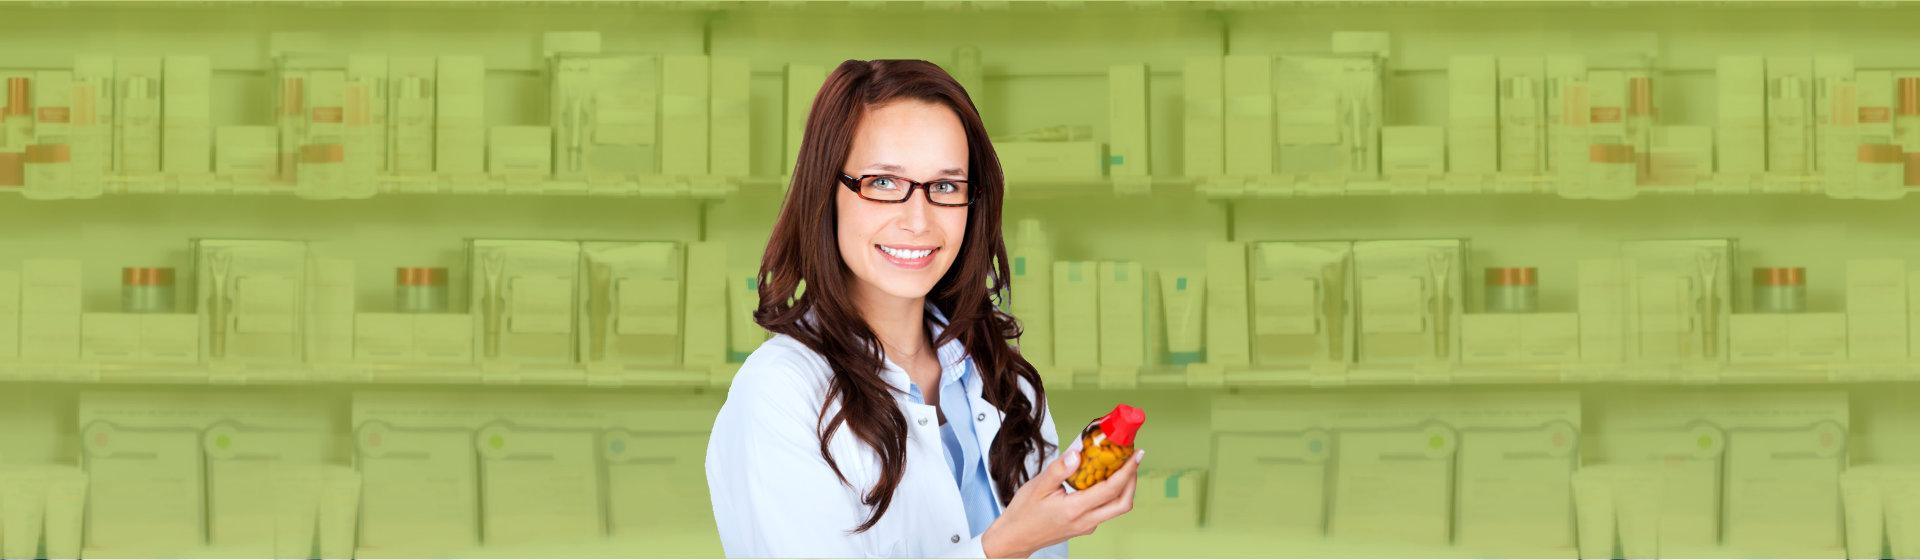 female pharmacist holding a medicine bottle